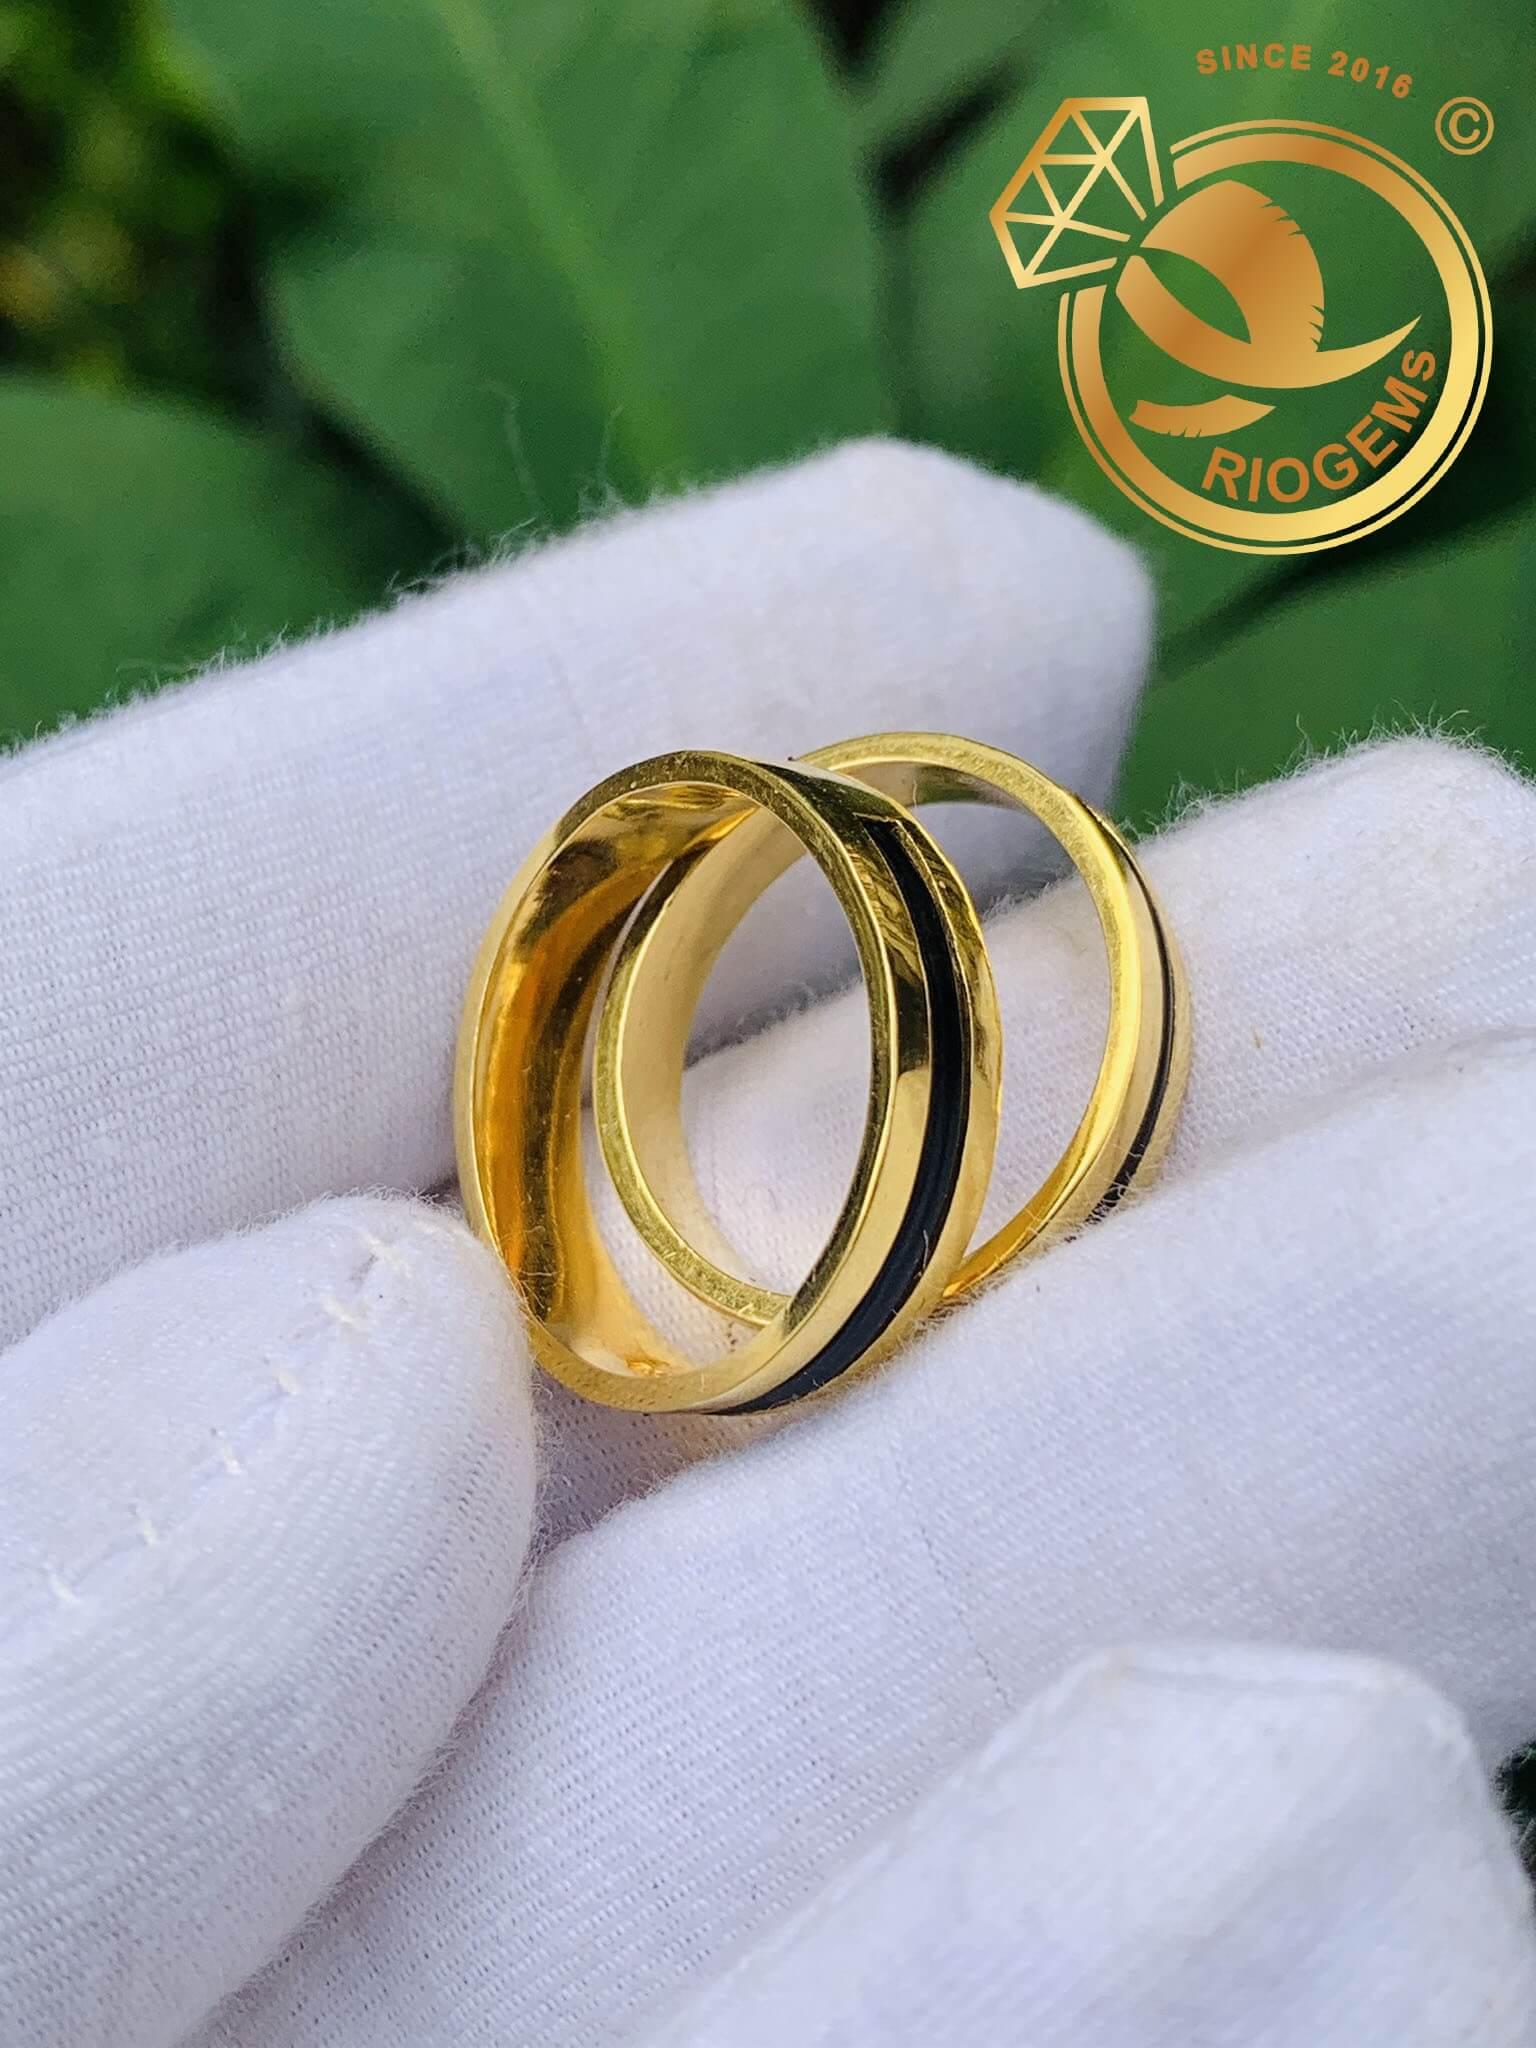 Cặp nhẫn vàng vuông đơn giản làm tay luồng 1 lông được nhiều cặp đôi chọn lựa